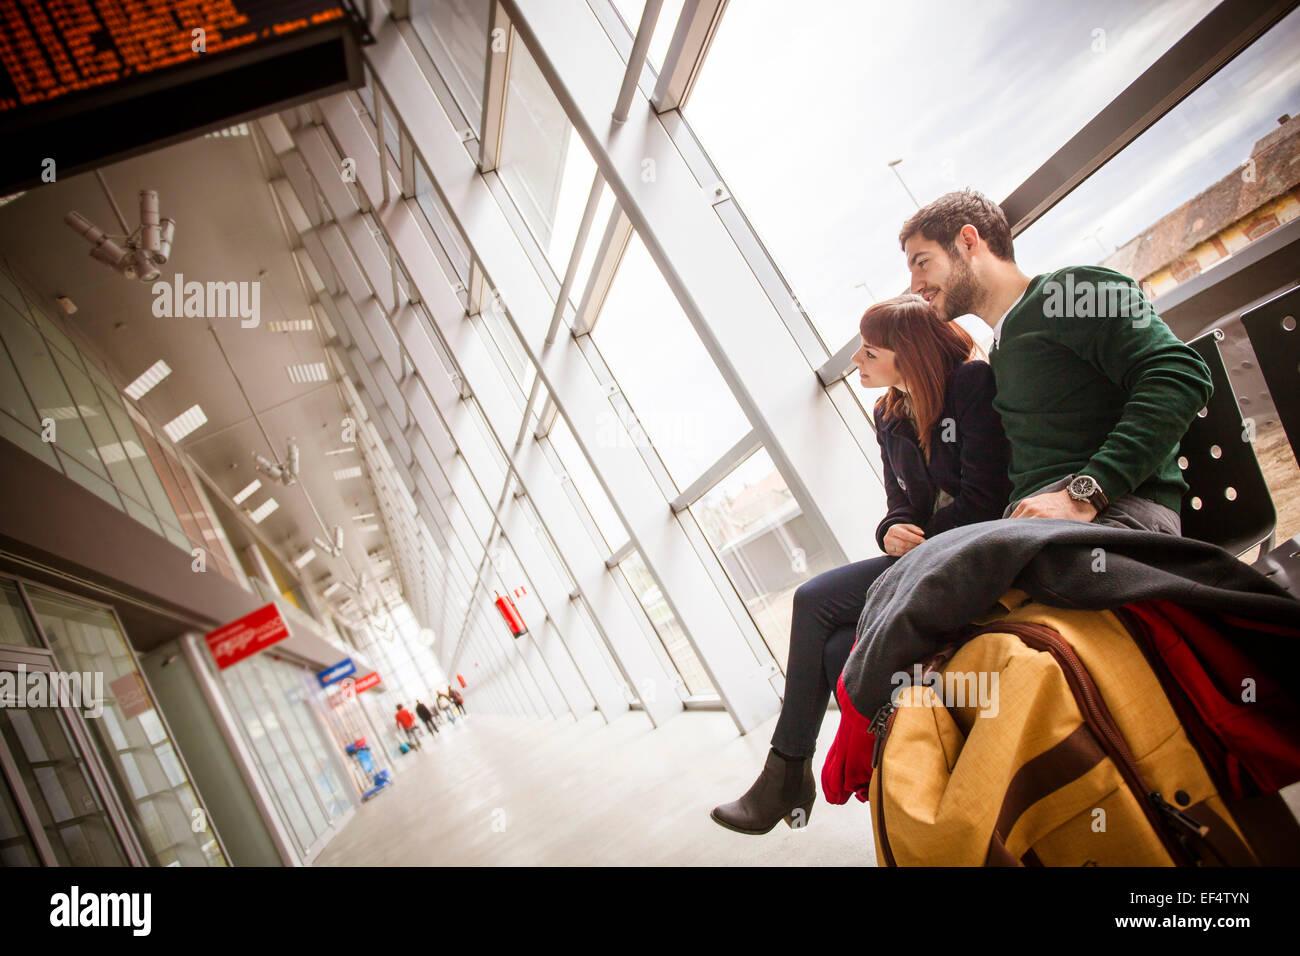 Junges Paar im Flughafengebäude warten Stockbild